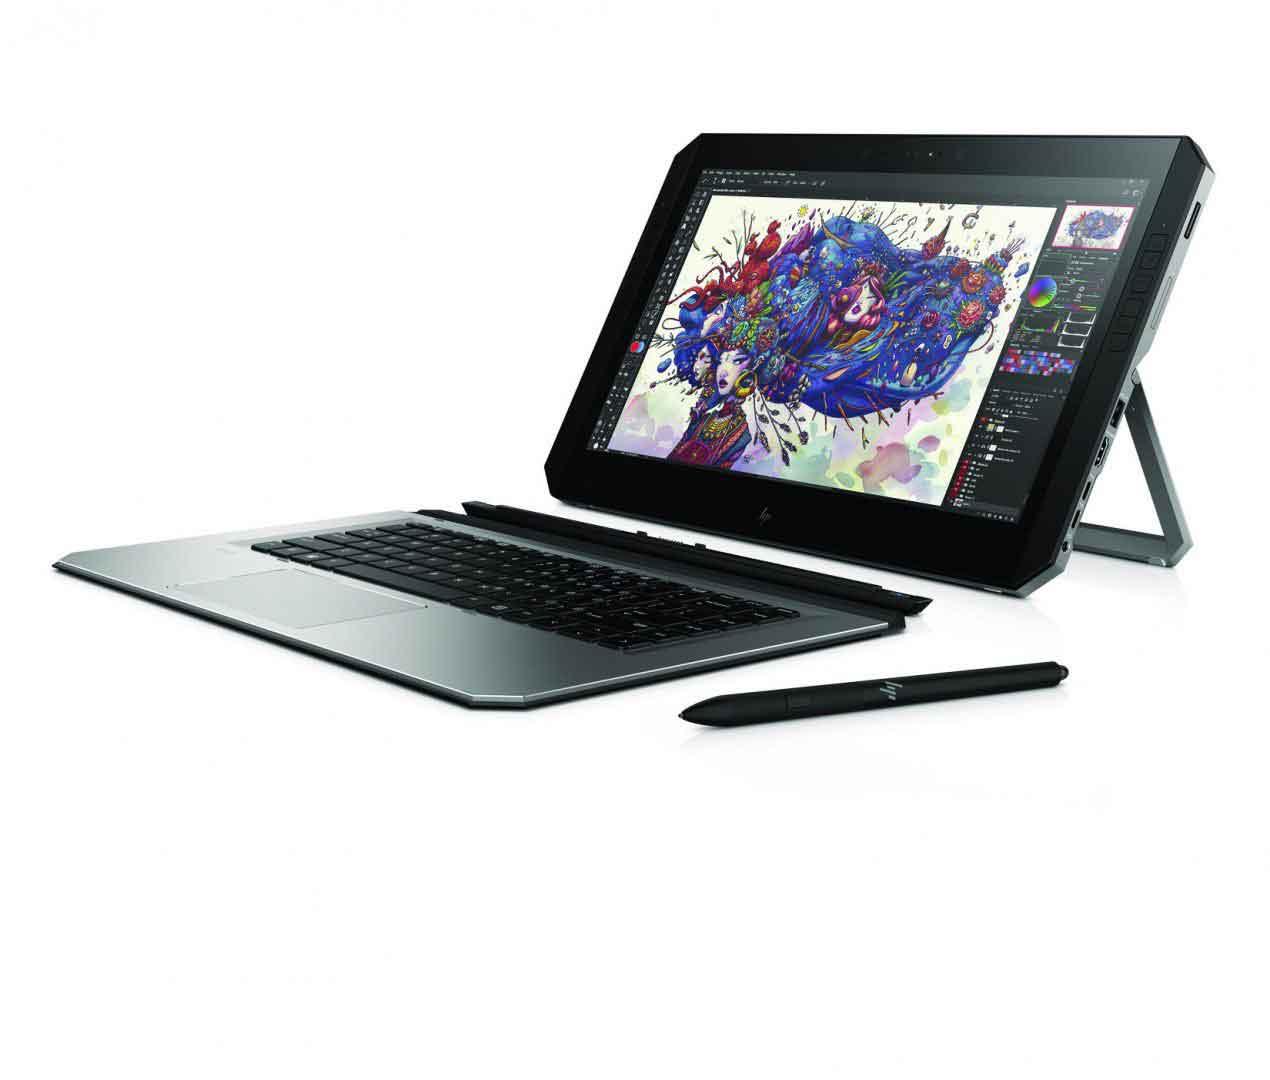 HP ZBook x2 workstation